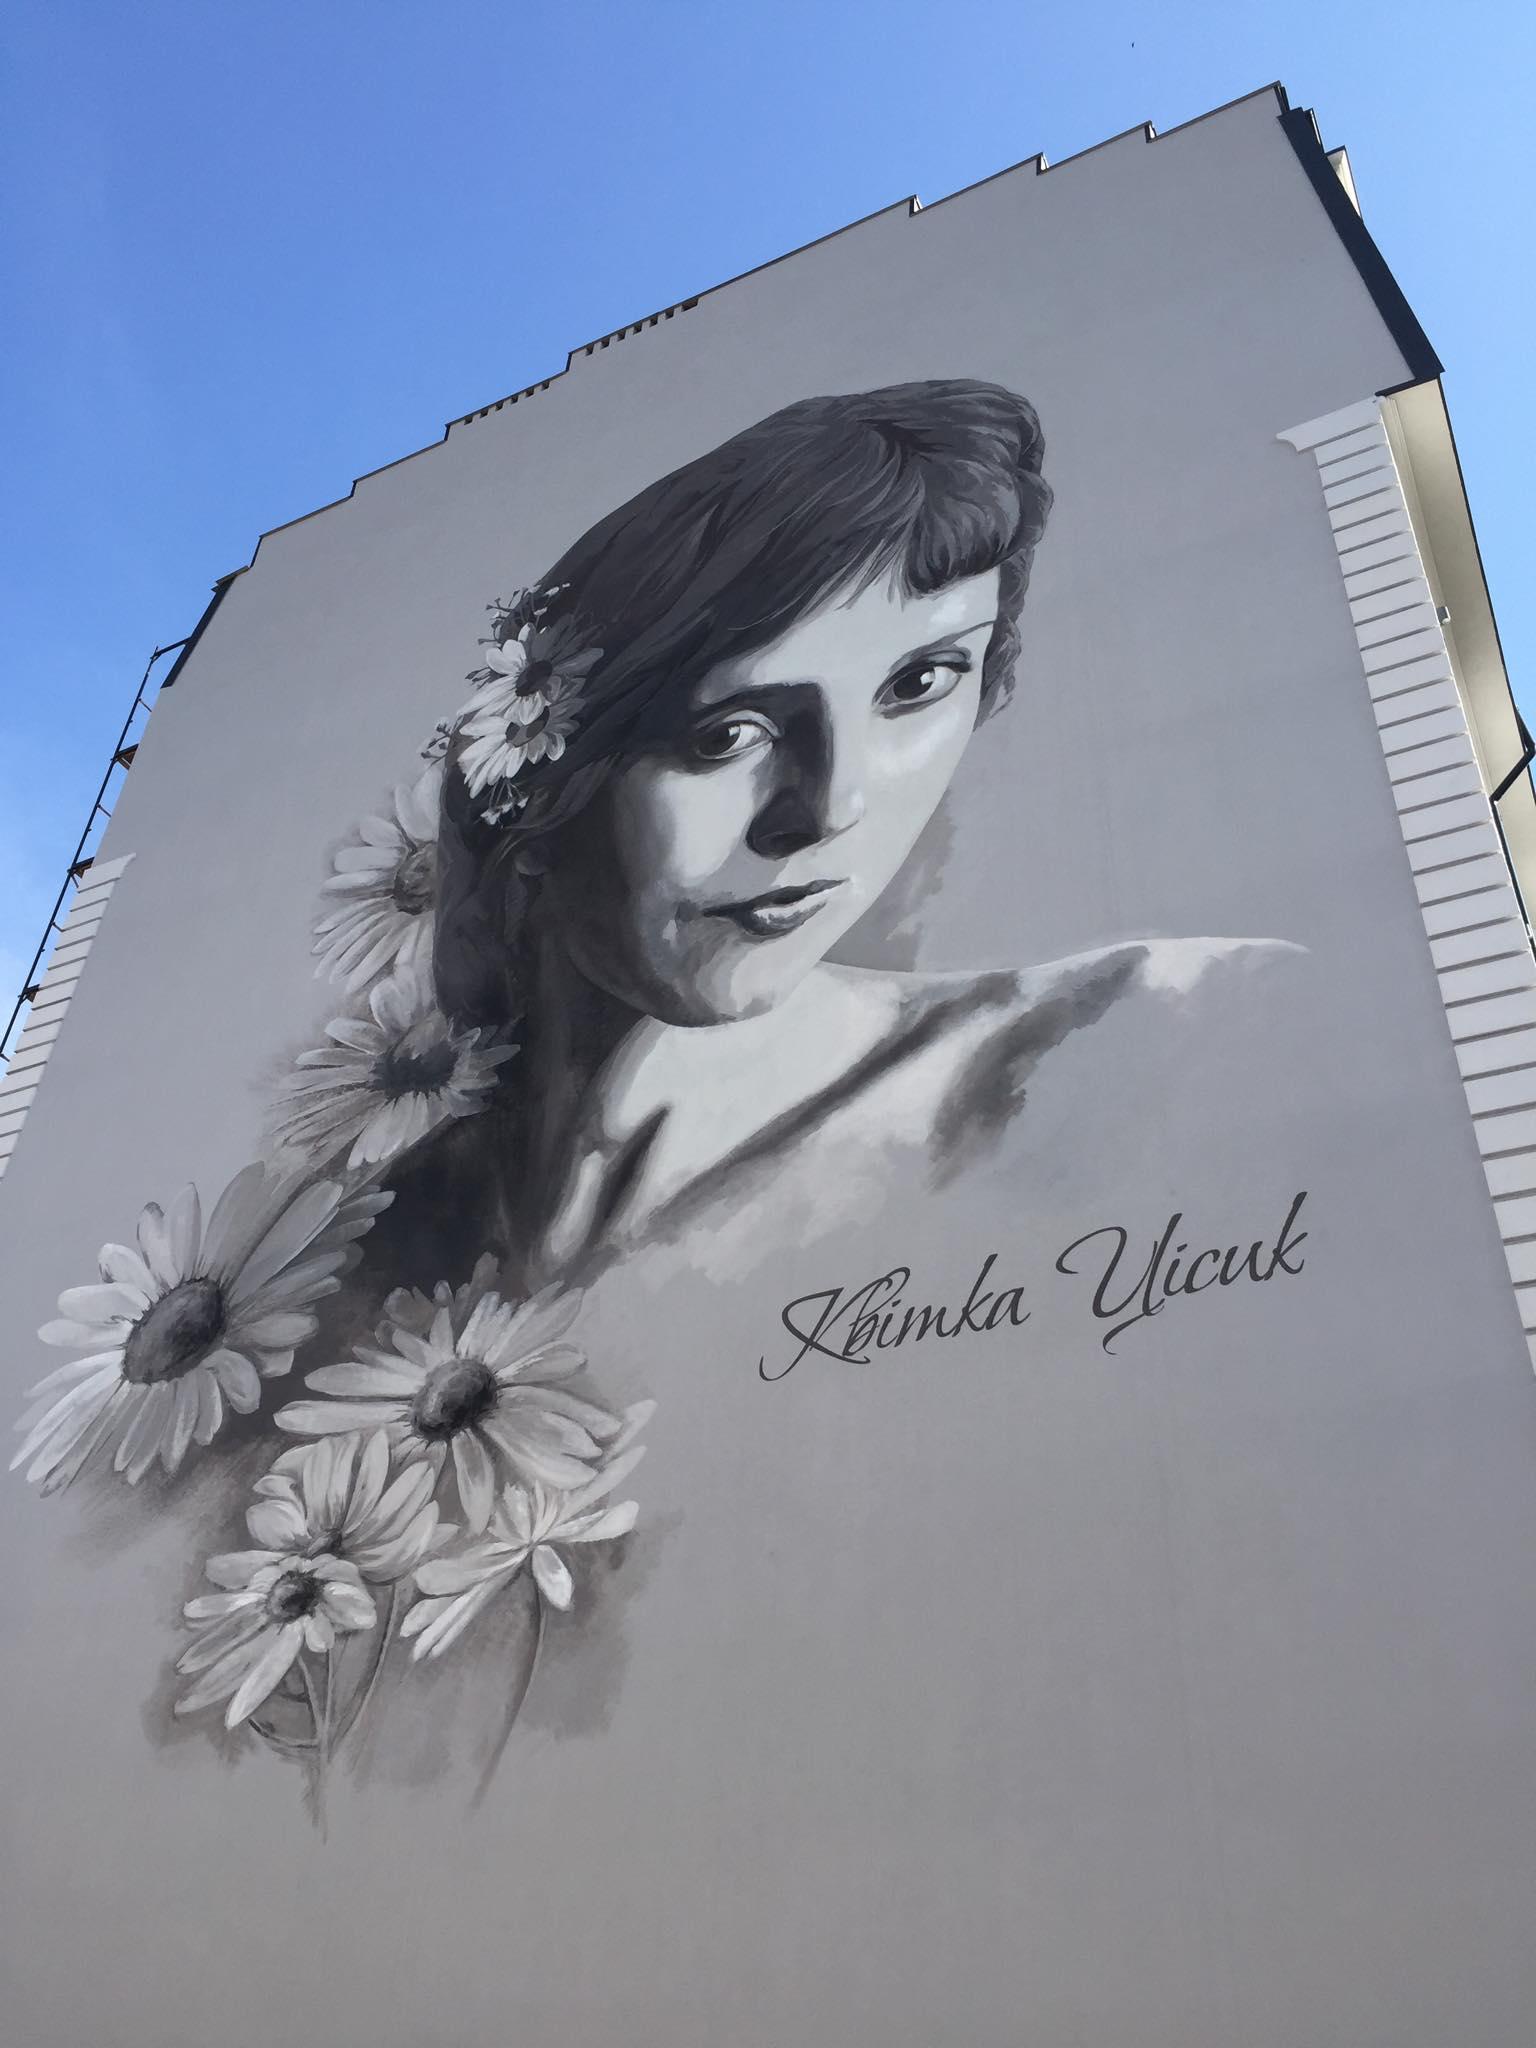 На новому муралі у Франківську зобразили Квітку Цісик з улюбленими квітами (ФОТО, ВІДЕО)